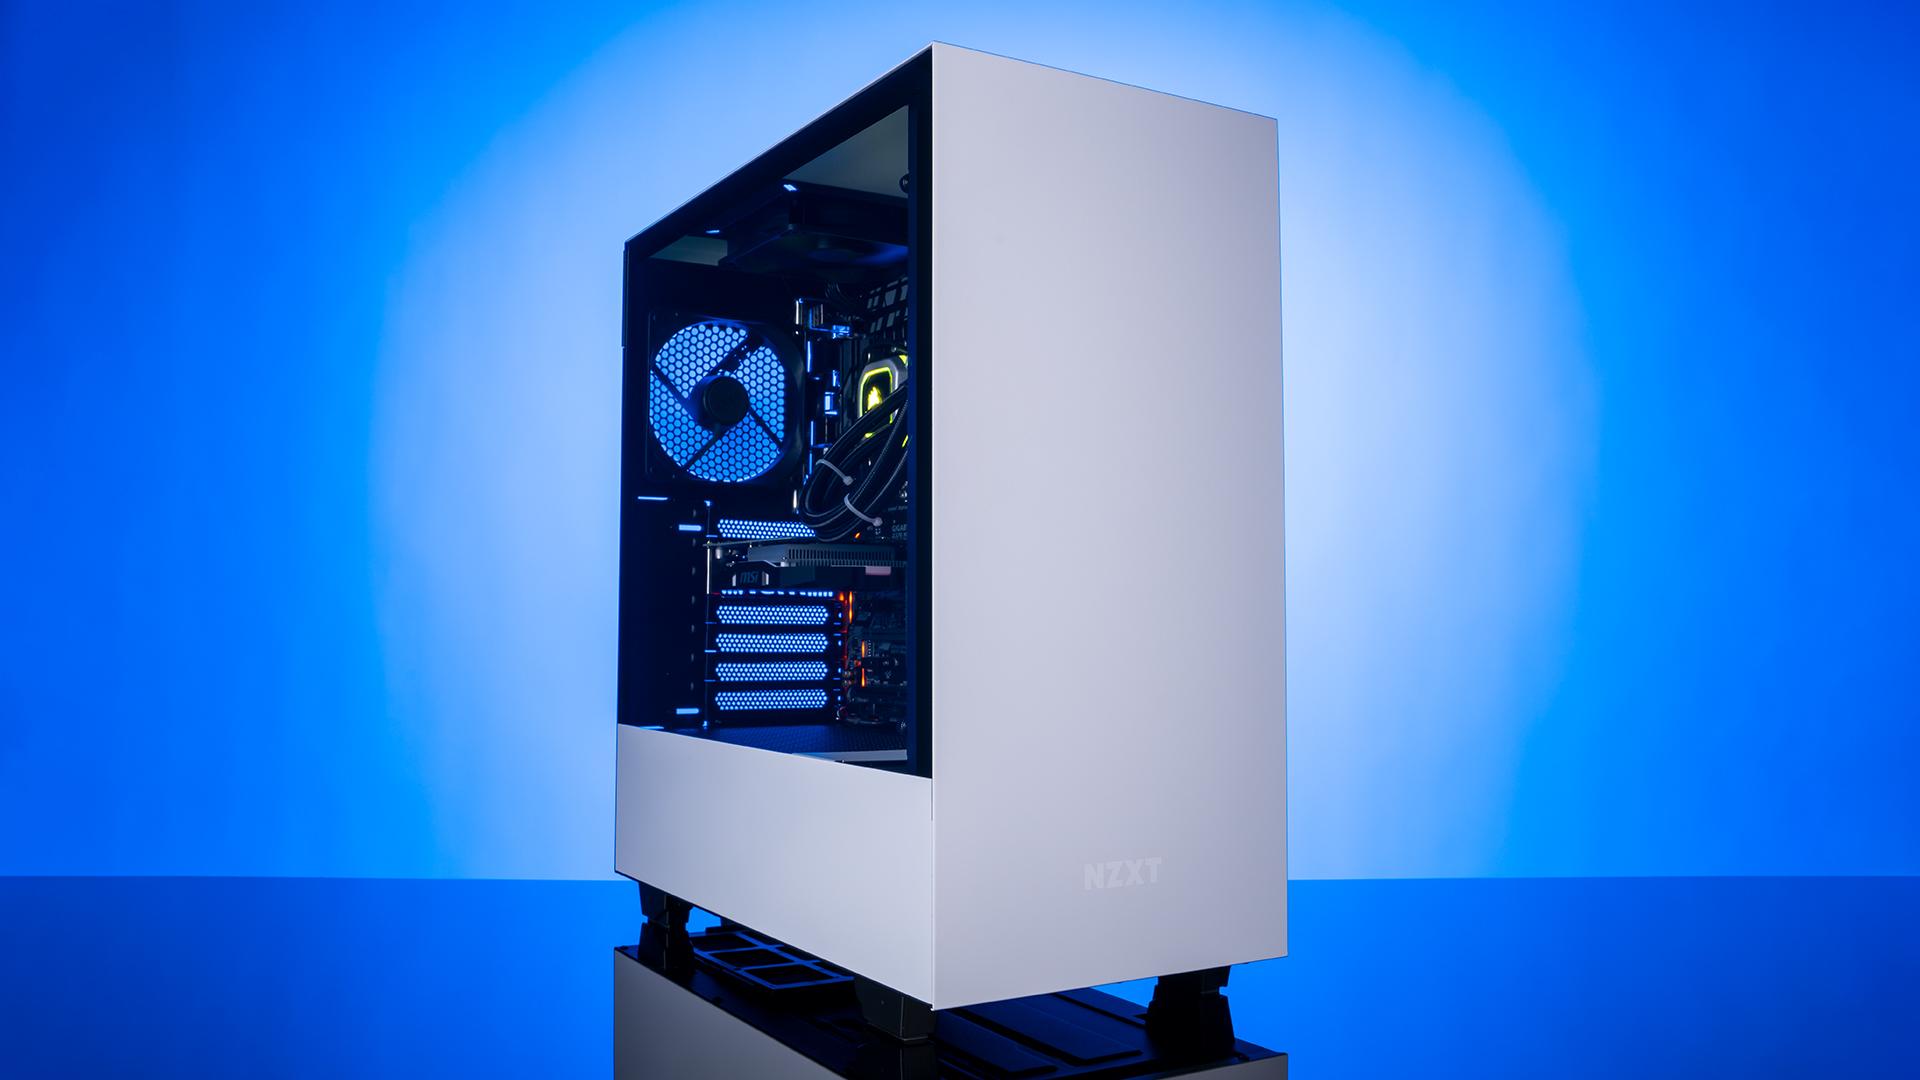 Newegg PC Build Kits